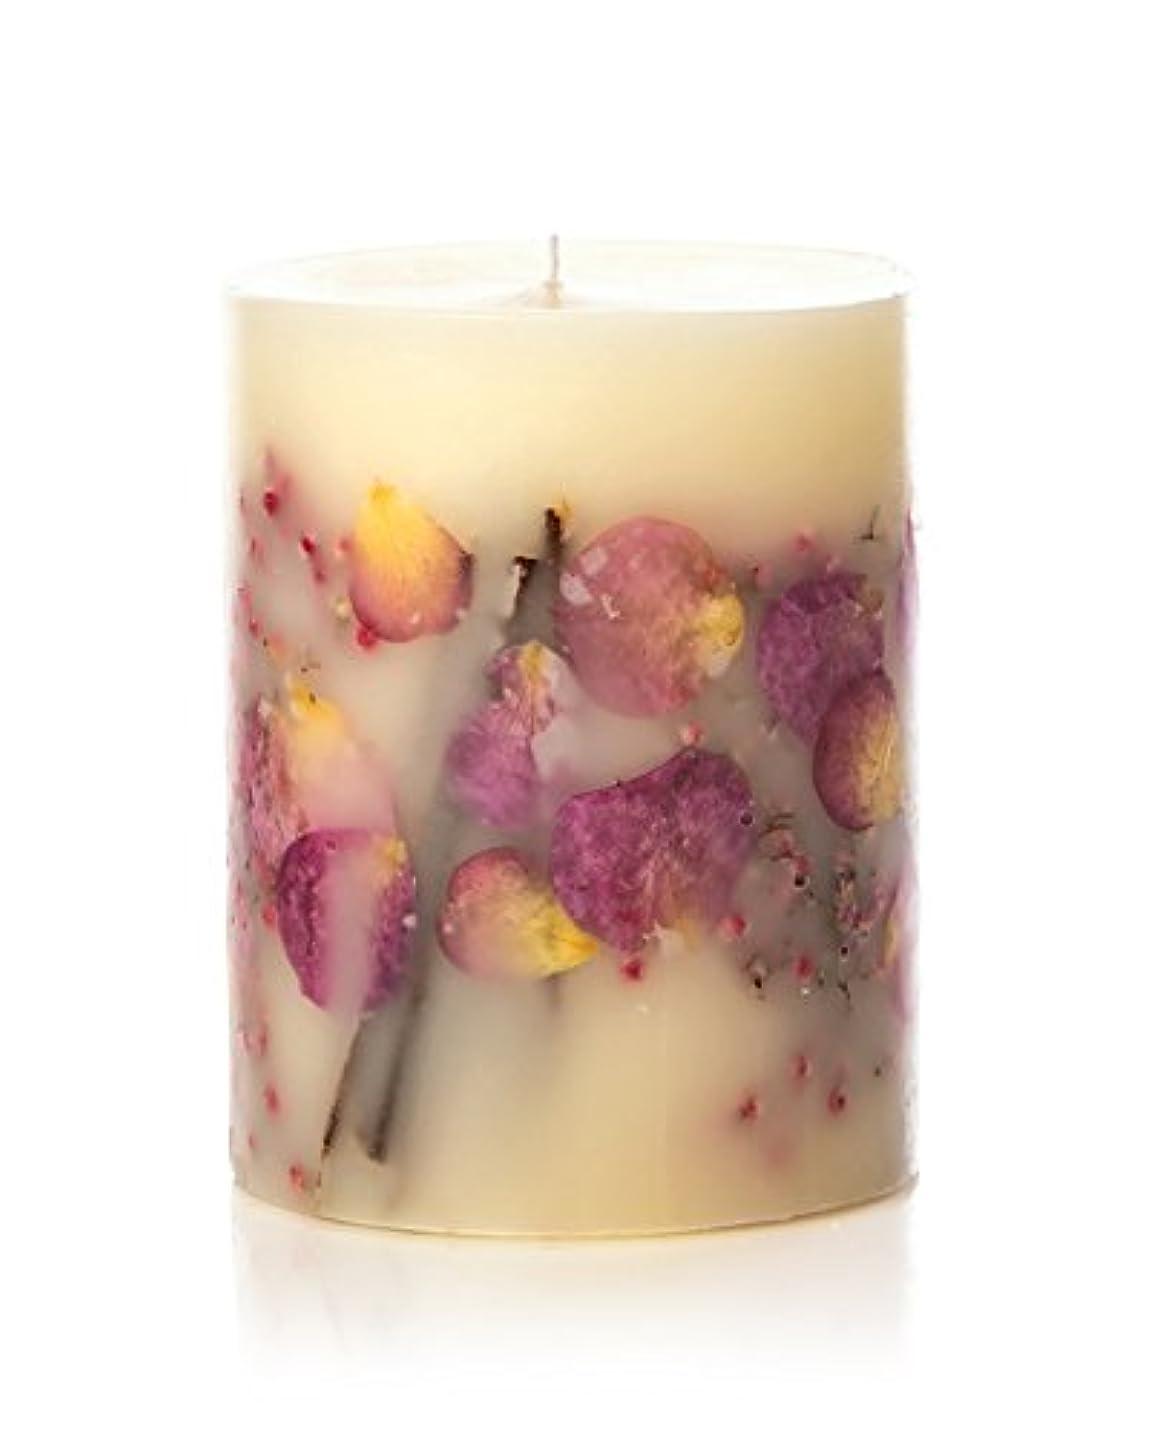 狭いペダル摩擦ロージーリングス ボタニカルキャンドル ビッグラウンド アプリコット&ローズ ROSY RINGS Round Botanical Candle Big Round – Apricot Rose